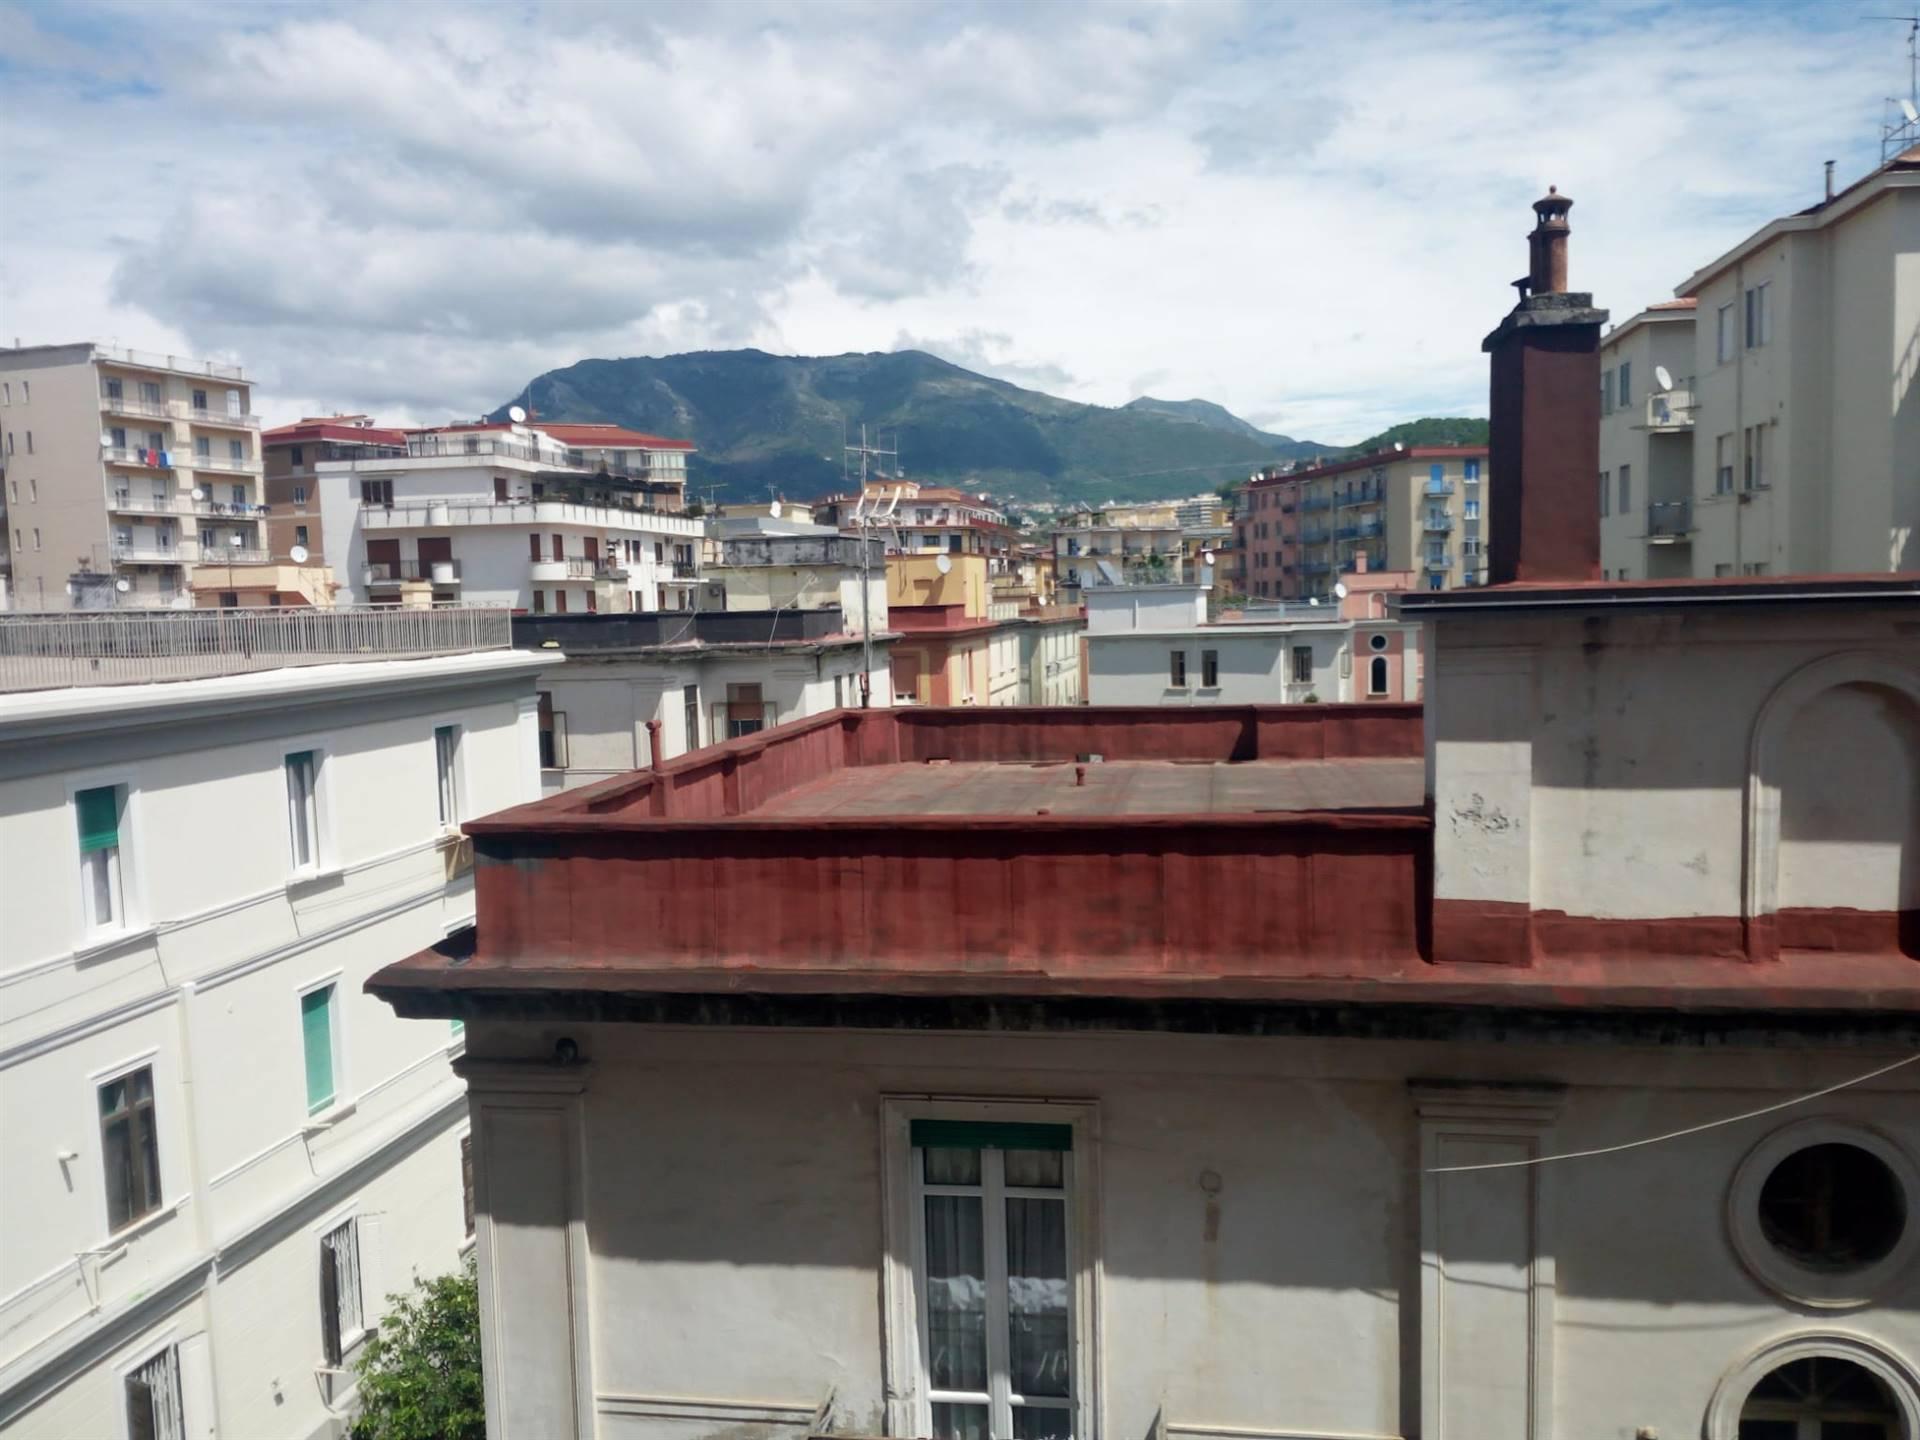 Via Zara, a due passi dal Trincerone e dal Corso Vittorio Emanuele, al quarto piano servito da ascensore, proponiamo la locazione transitoria di